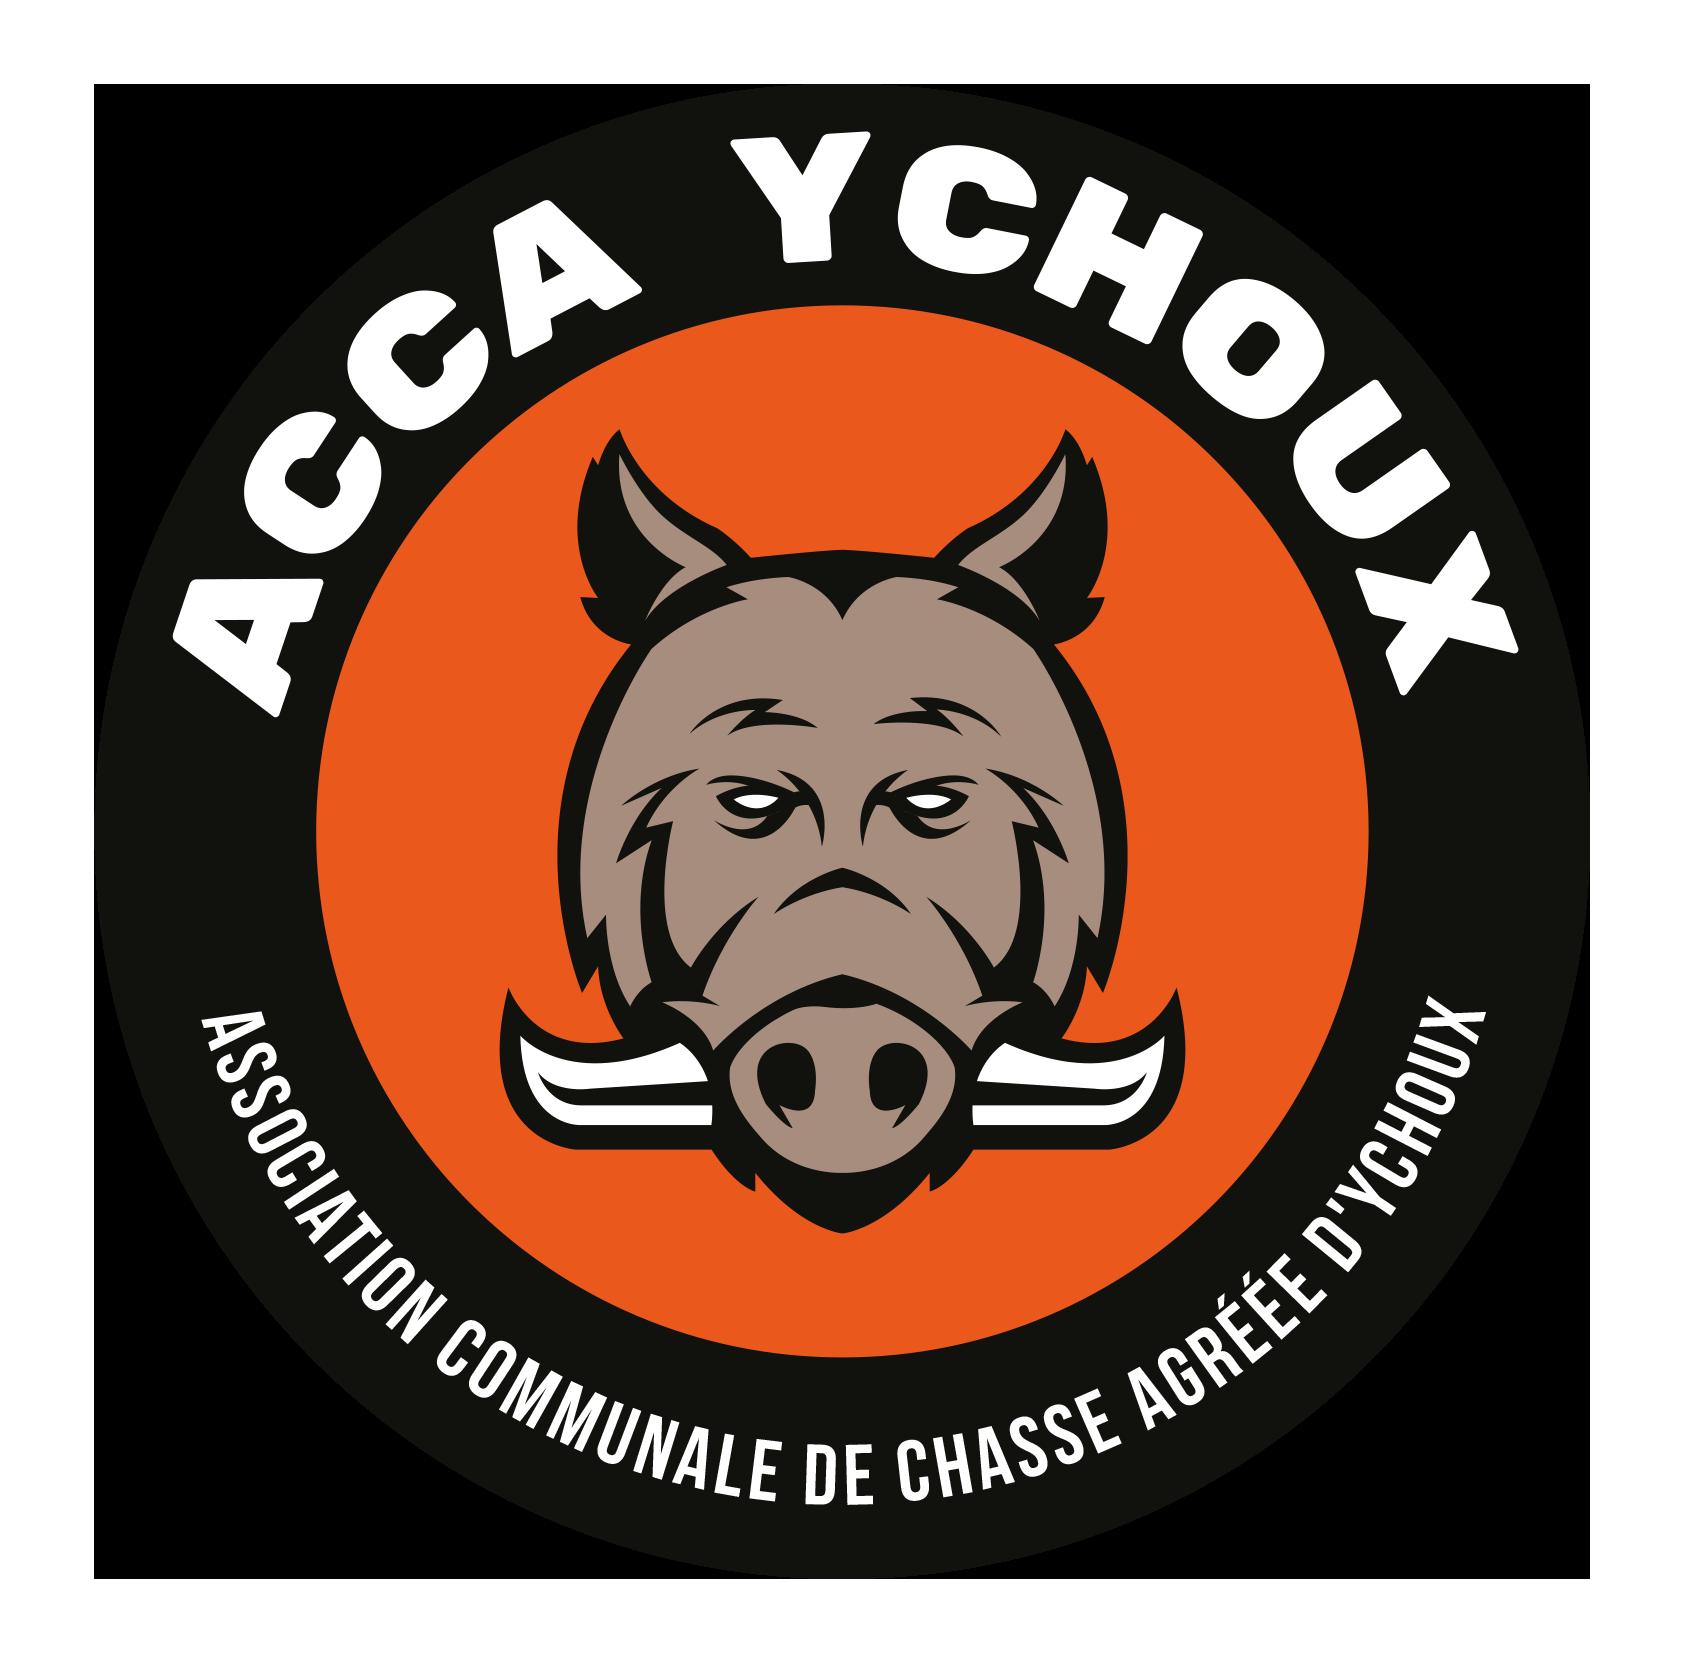 logo-acca-ychoux-2018